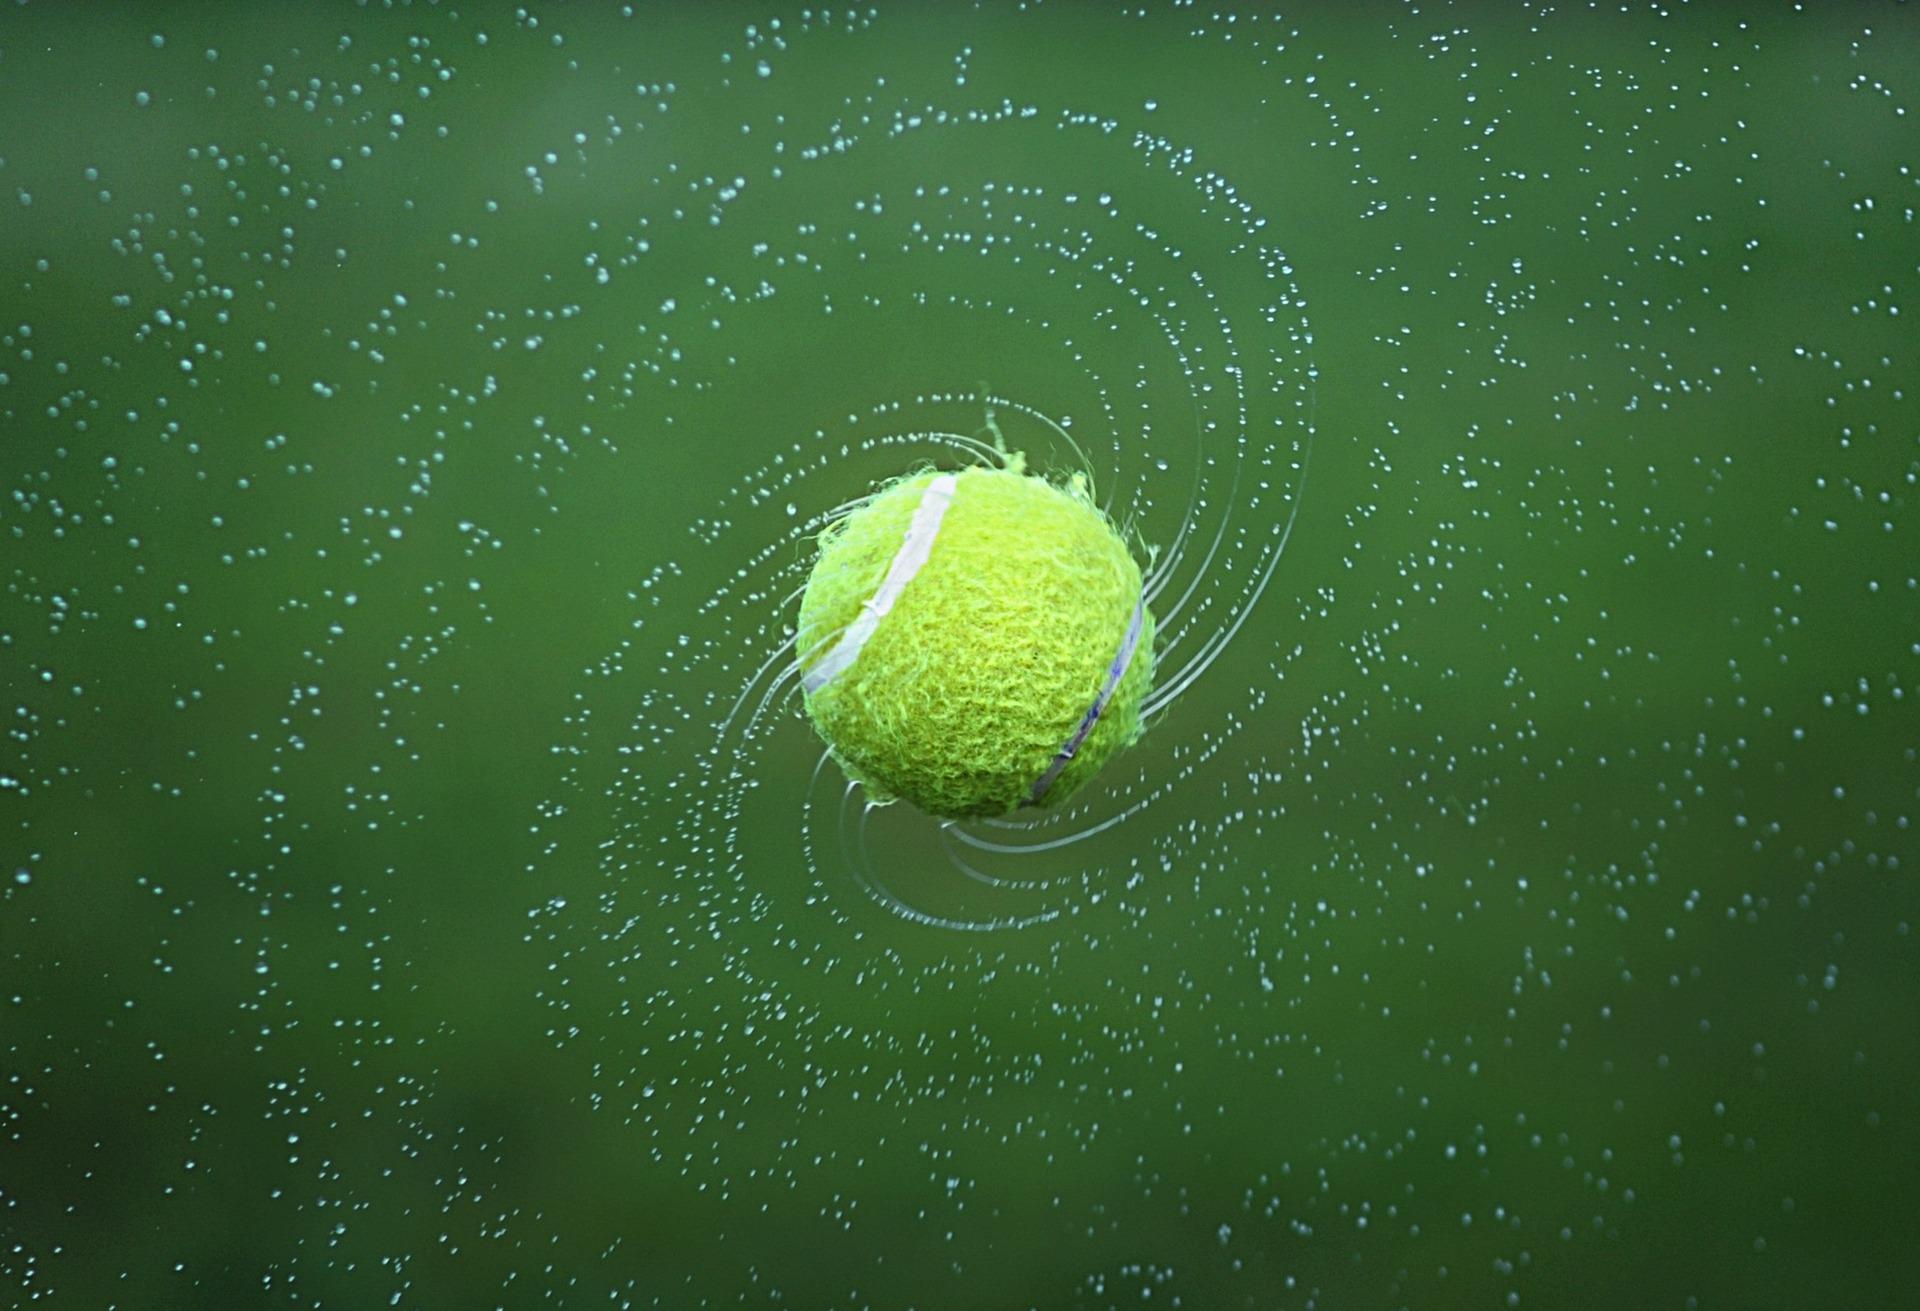 balle de tennis, Ball, Tennis, eau, Giro, Vert - Fonds d'ecran - Professor-falken.com